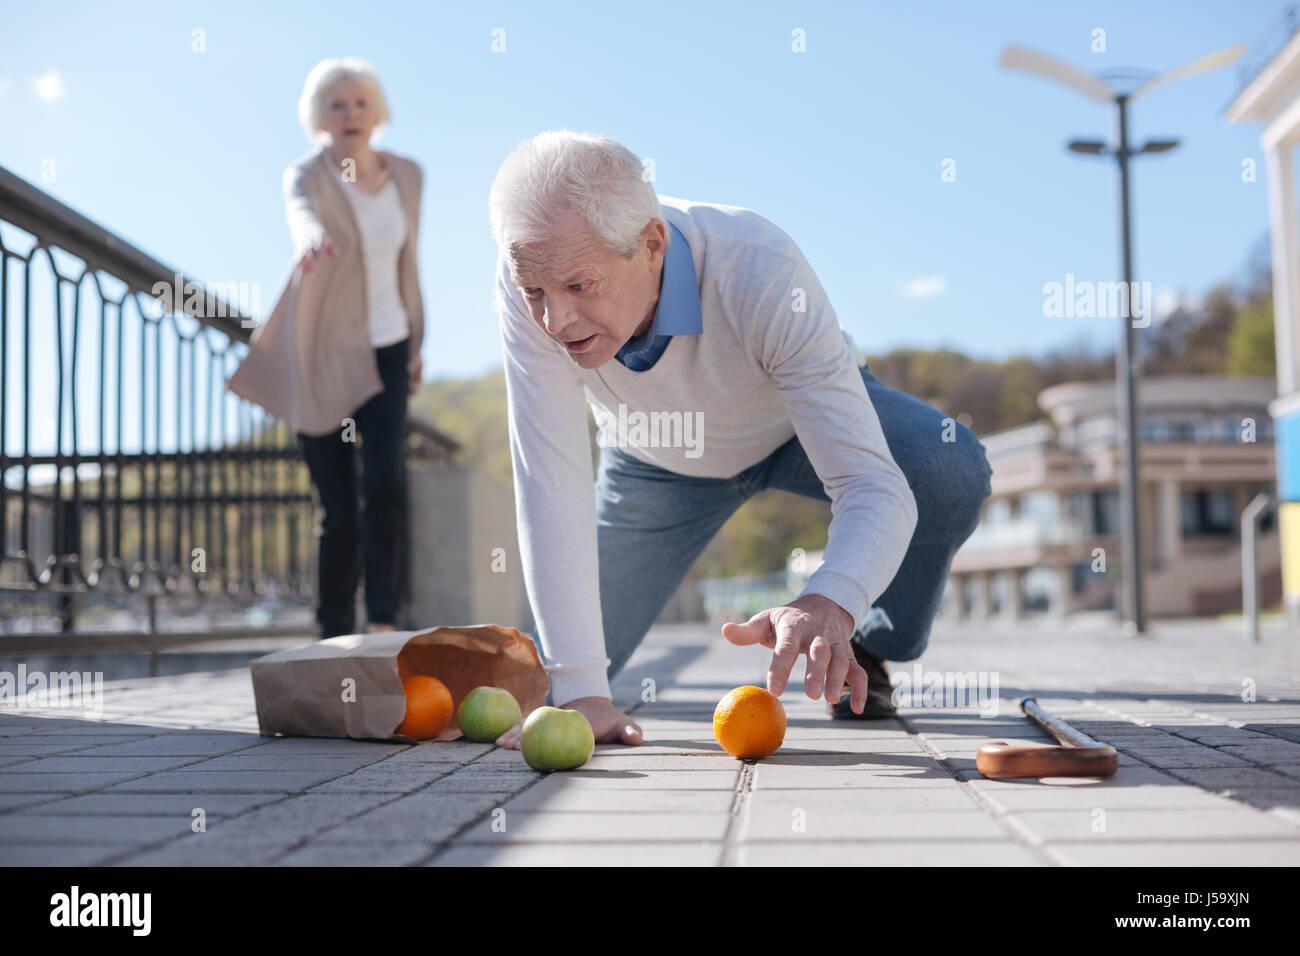 old-man-falling-down-in-the-street-J59XJN.jpg